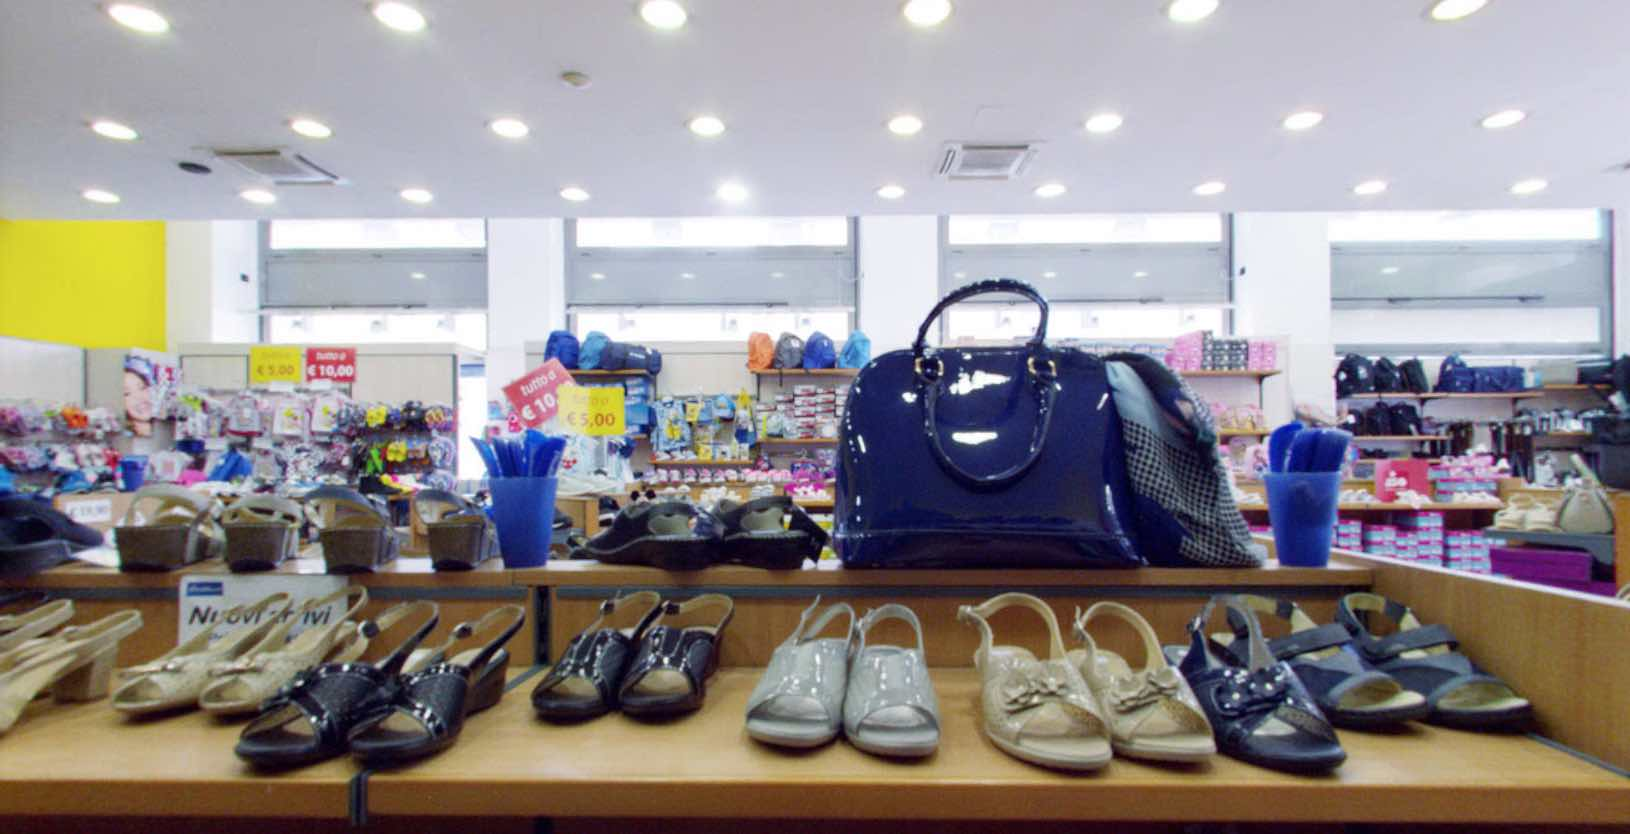 Negozi di scarpe a torino piediluna calzature for Negozi di arredamento torino